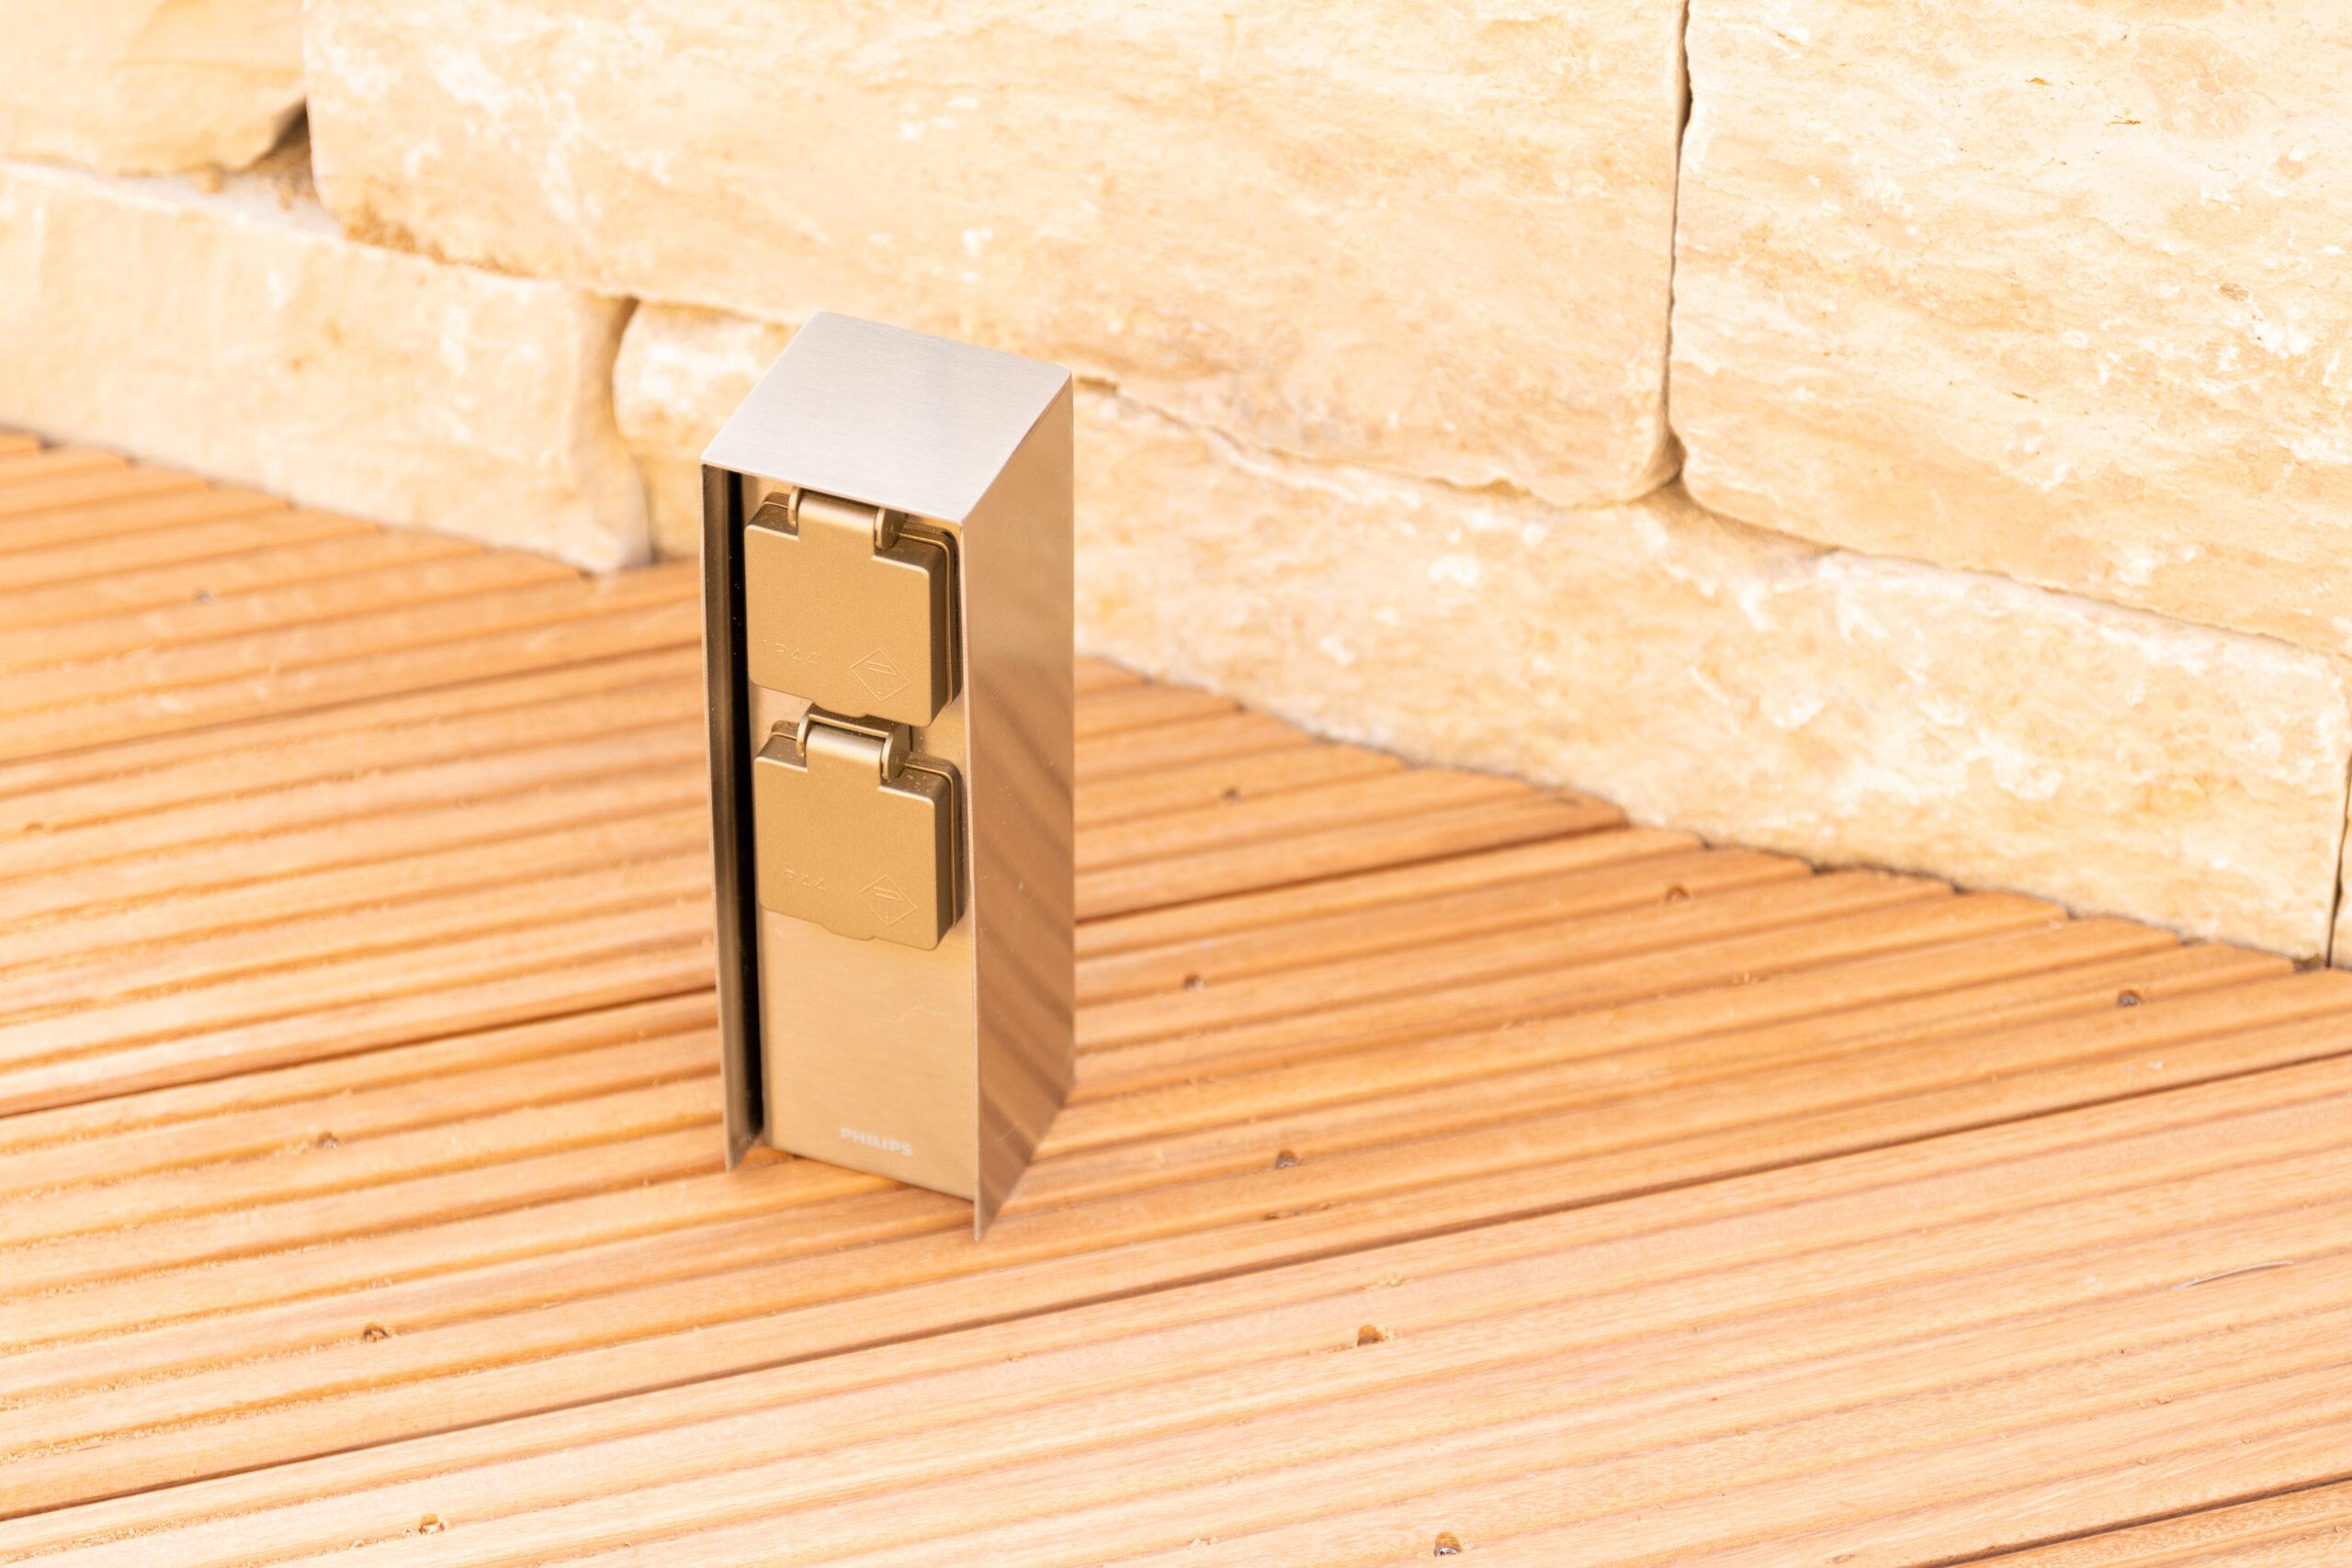 Klein, stabil und elegant: Die Philips Außensteckdosen aus Edelstahl für die Terrasse.